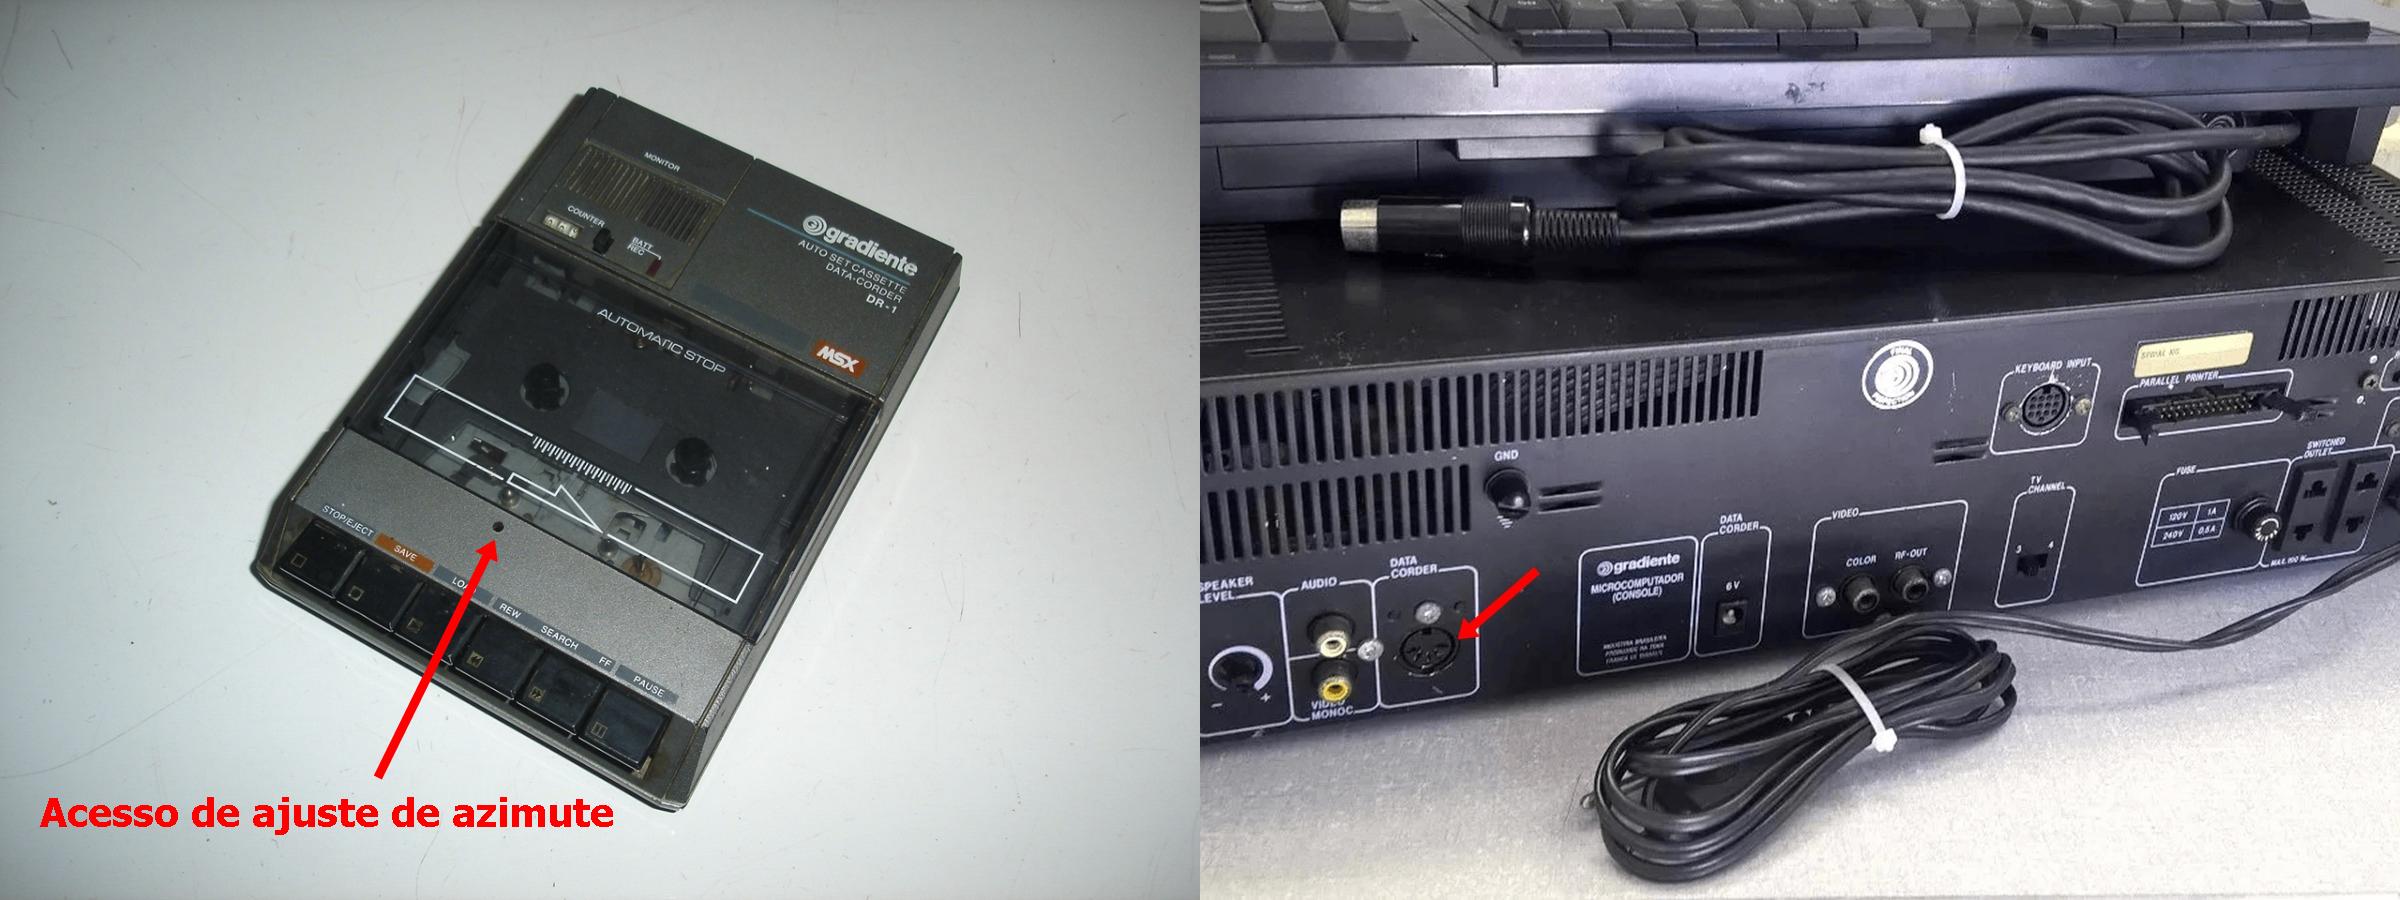 Armazenamento de dados usando o deck cassete Data Corder, fabricado pela Gradiente